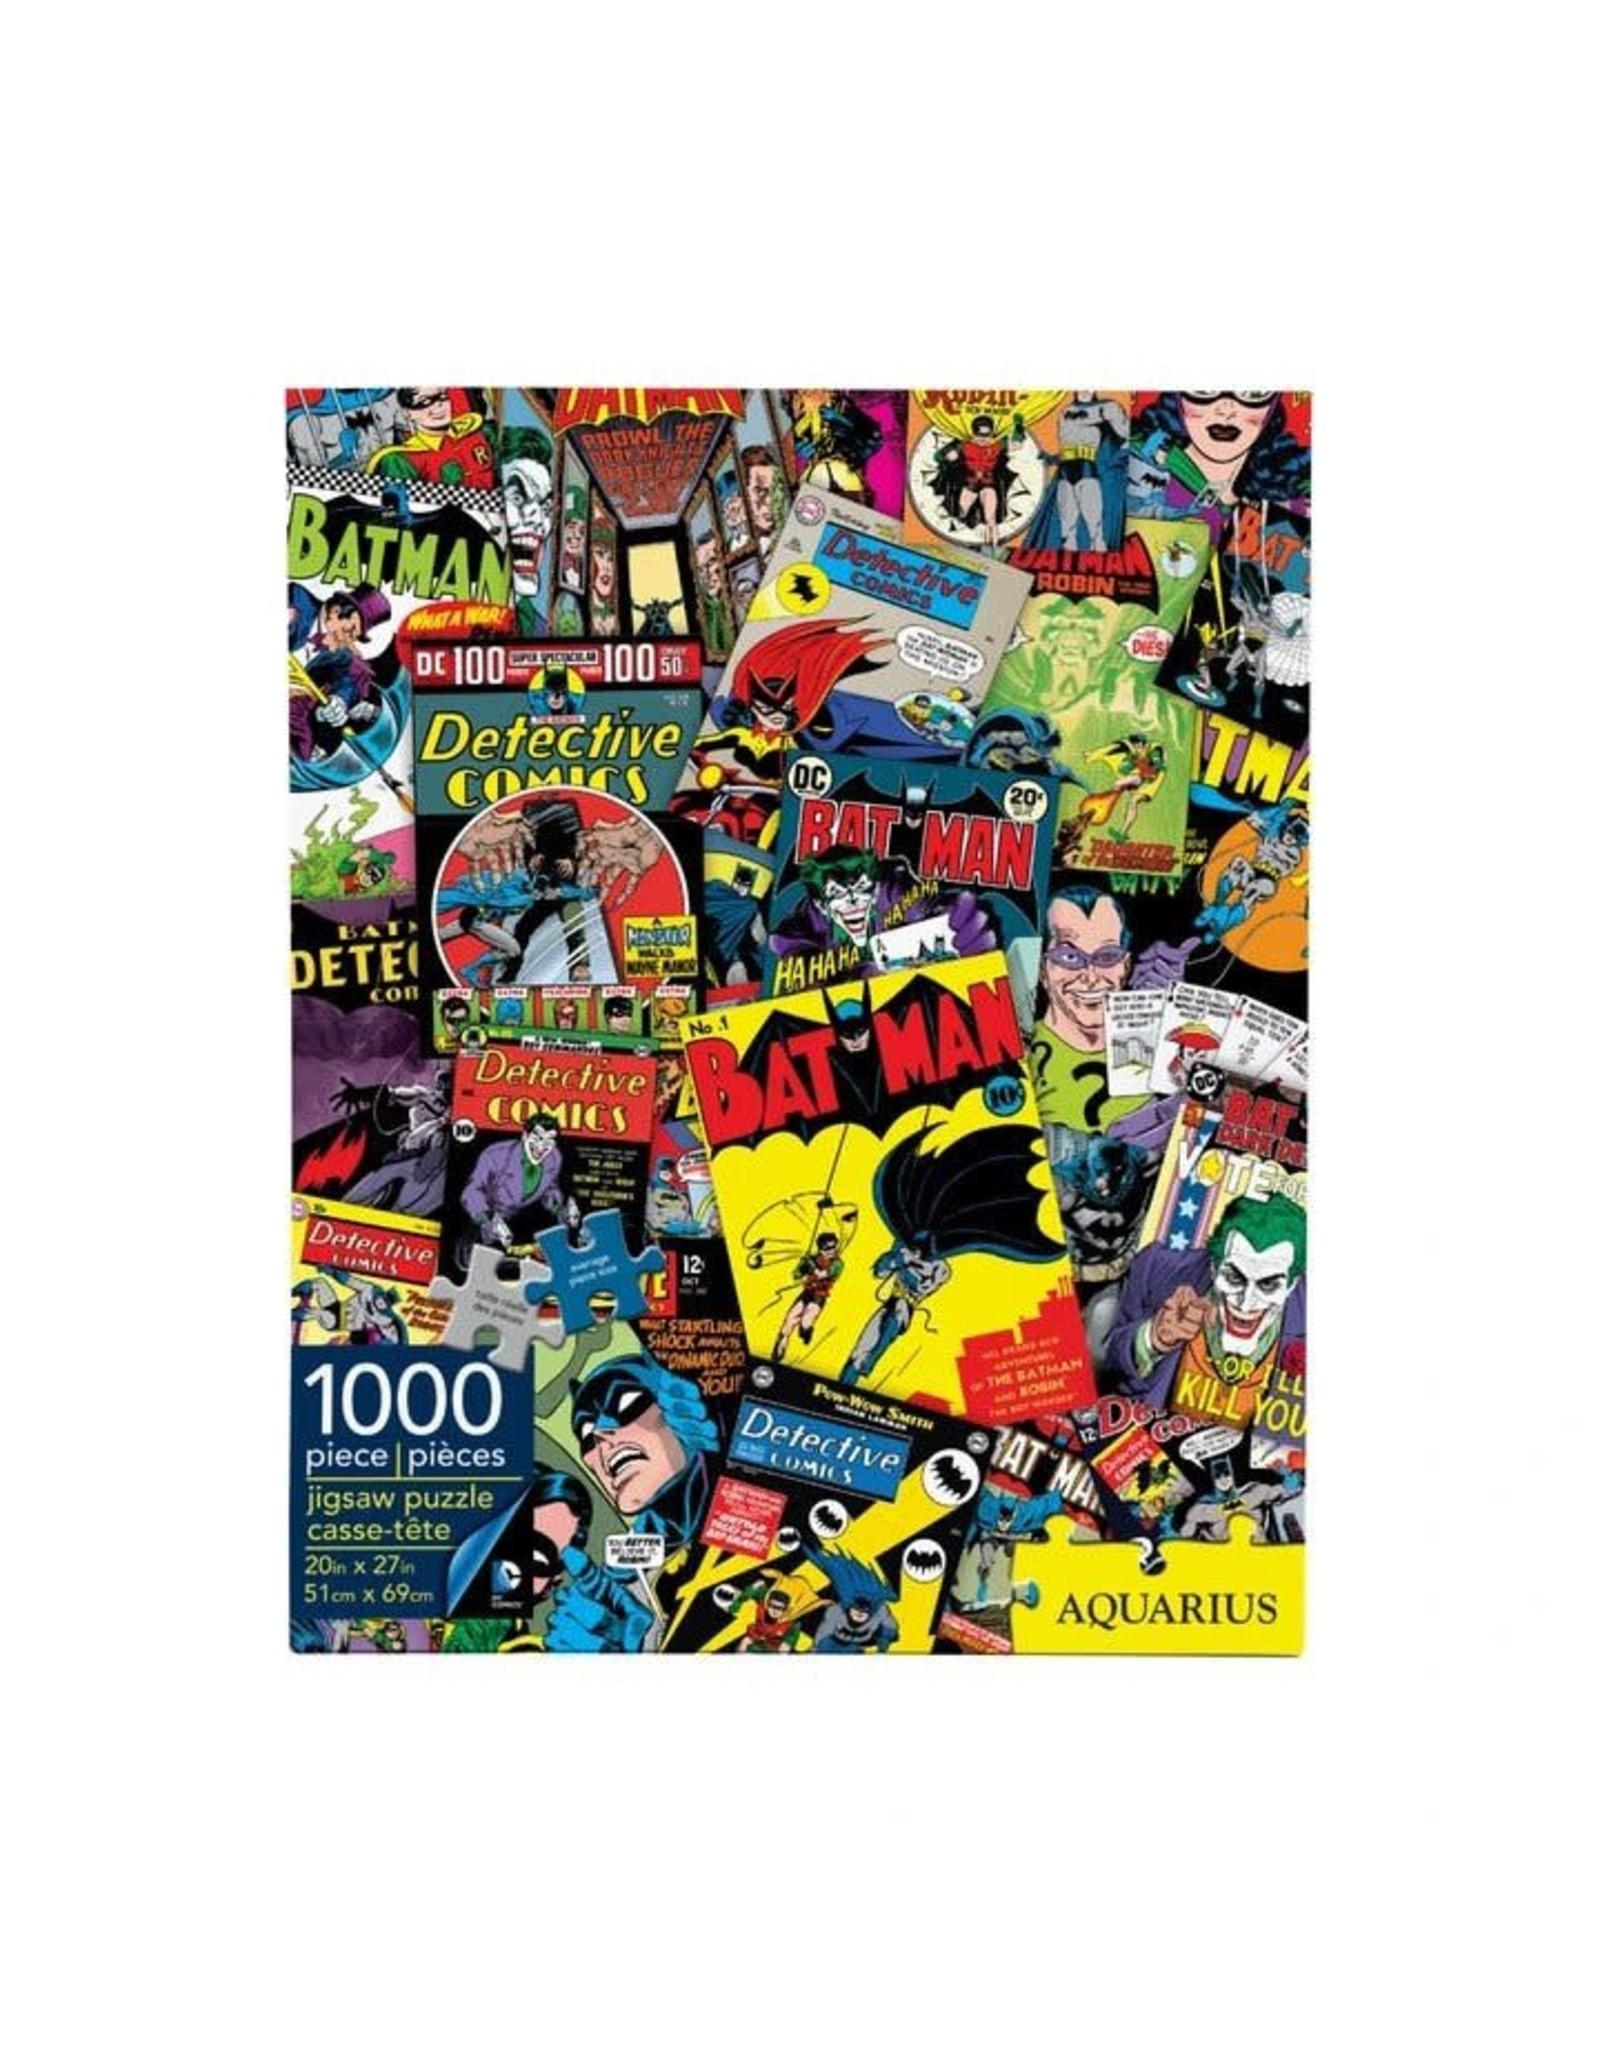 Aquarius Ent BATMAN Puzzle 1000P - Collage